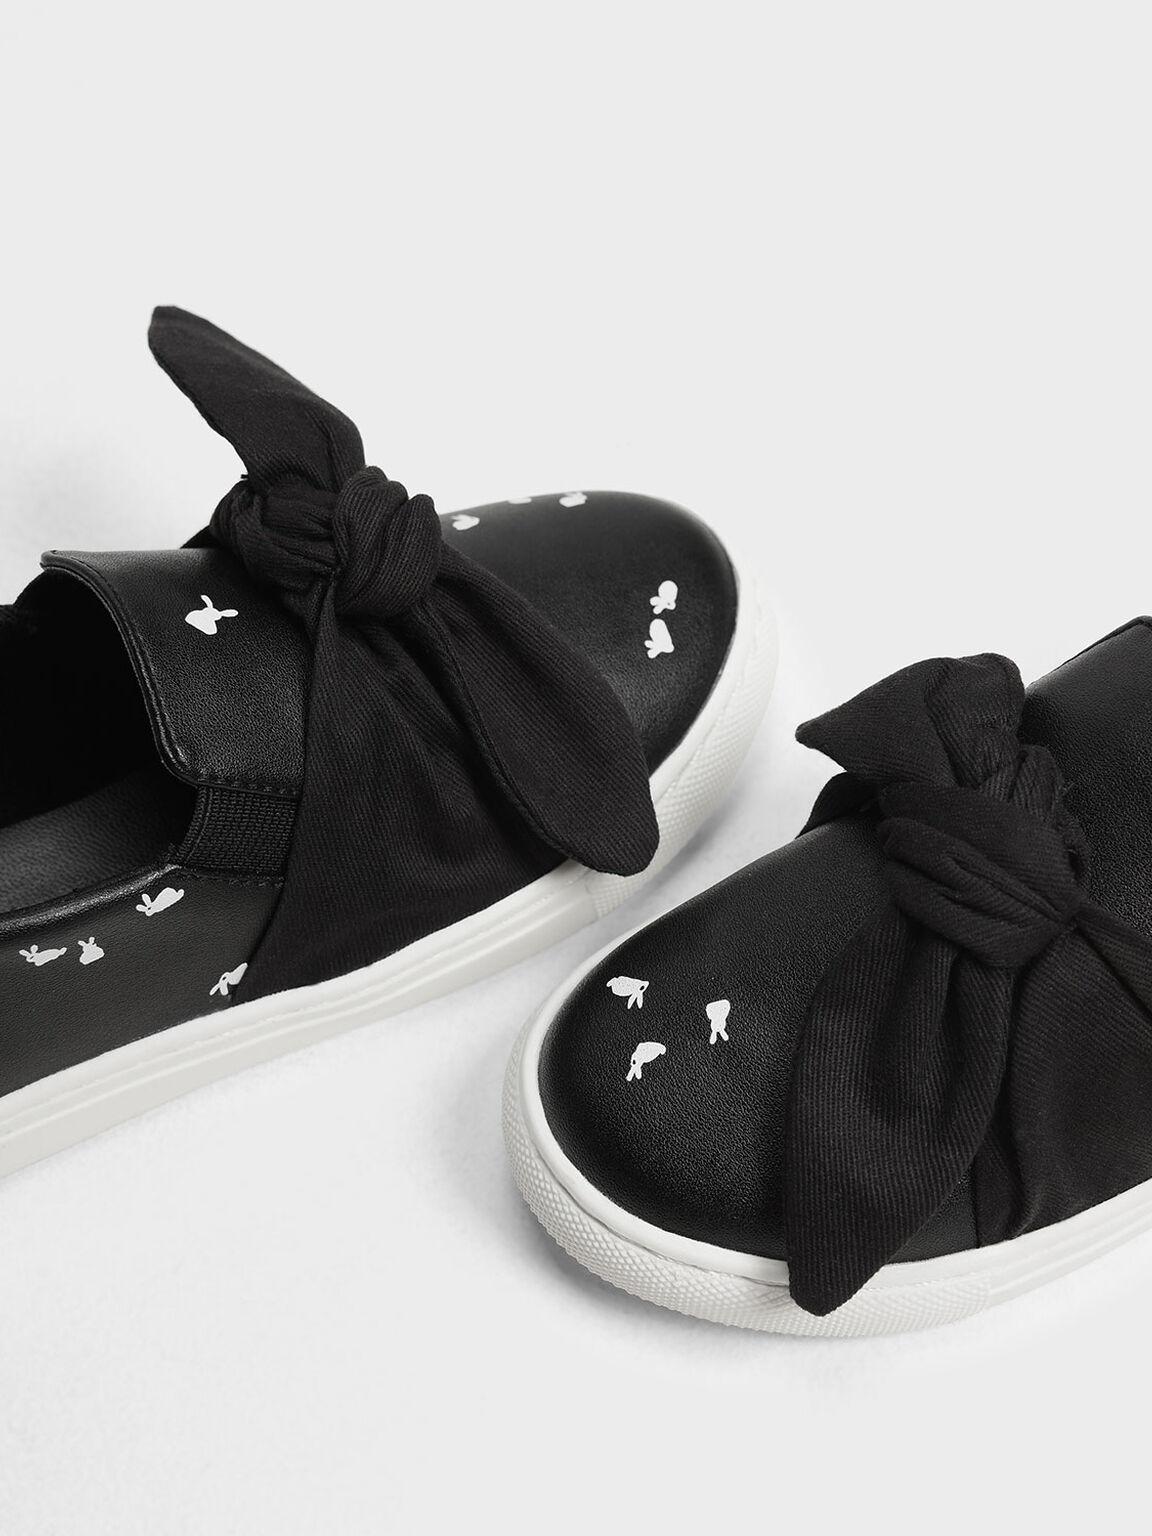 Kids' Bow Slip-On Sneakers, Black, hi-res